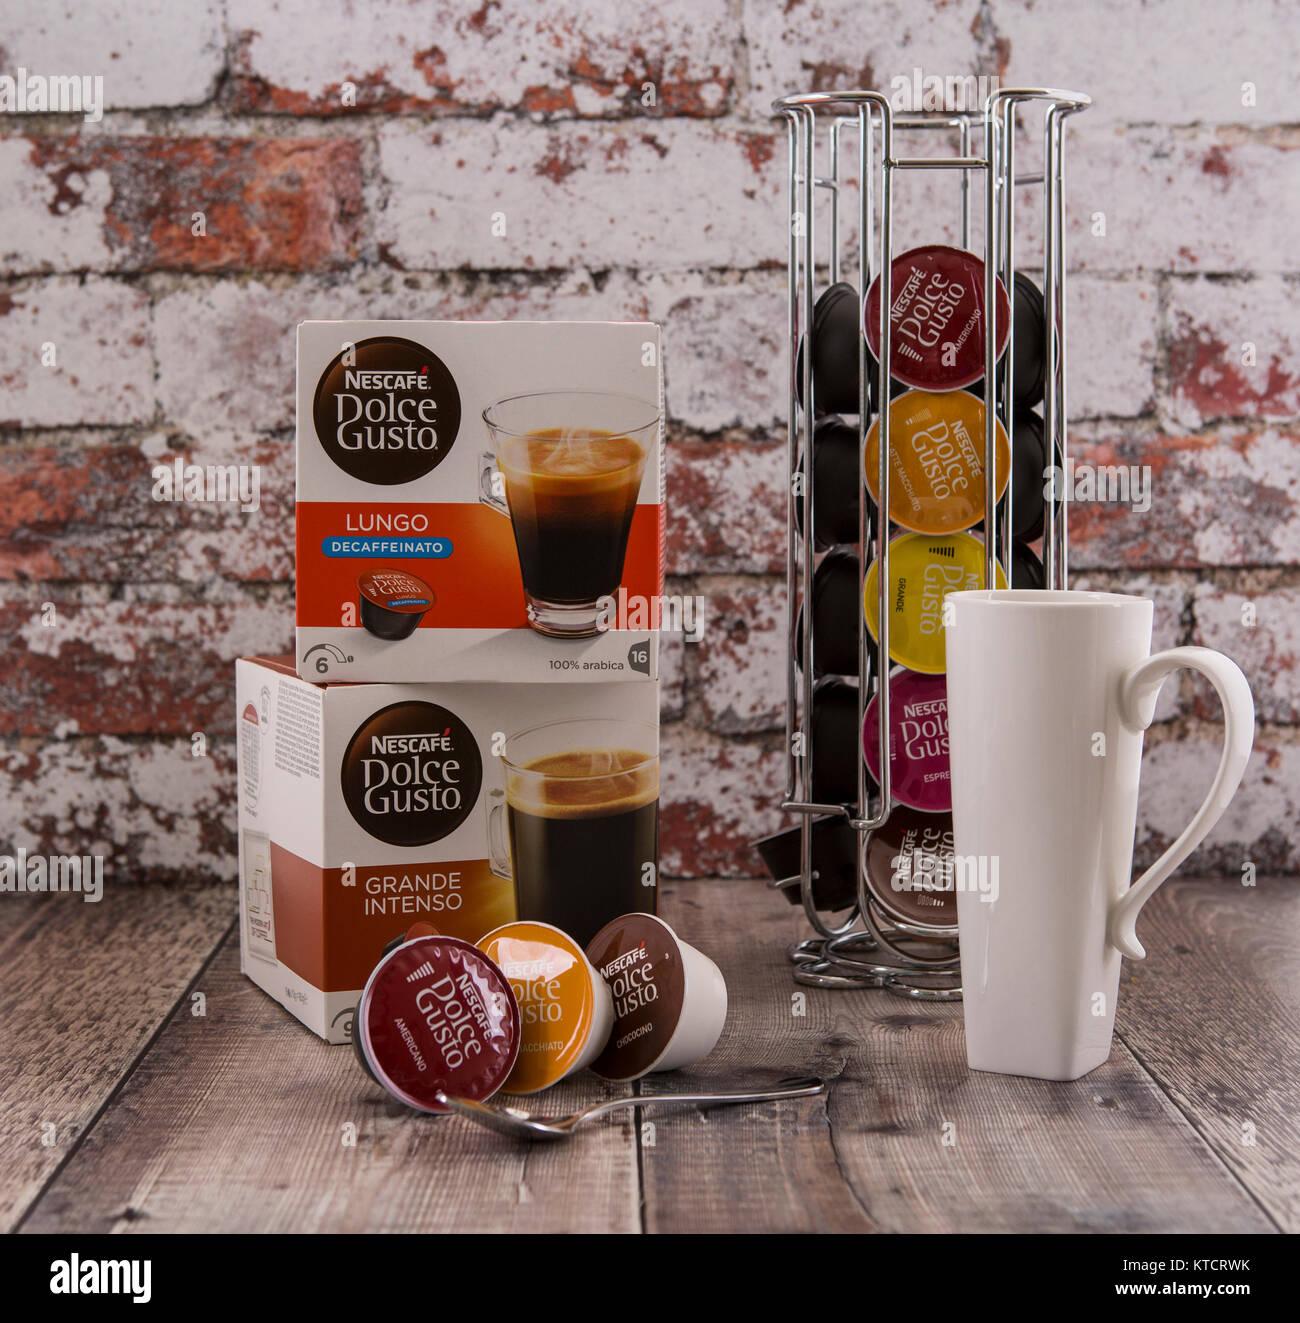 SWINDON, Regno Unito - 23 dicembre 2017: Nescafe Dolce Gusto macchina da caffè a cialde in una cucina rustica Immagini Stock